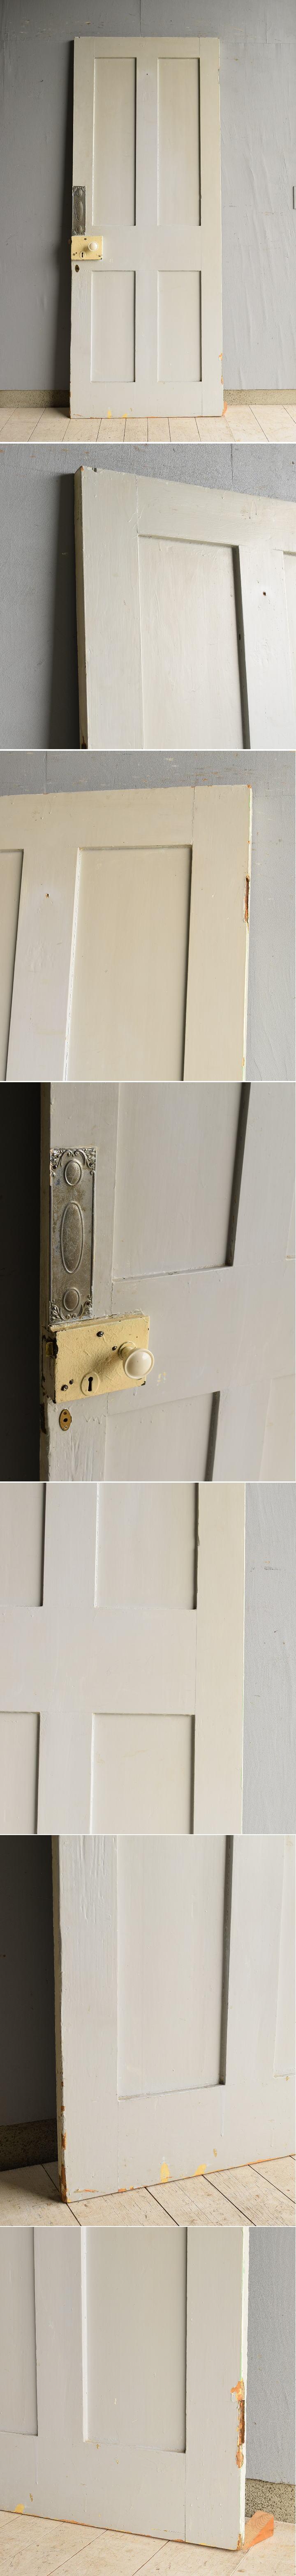 イギリス アンティーク ドア 建具 7677